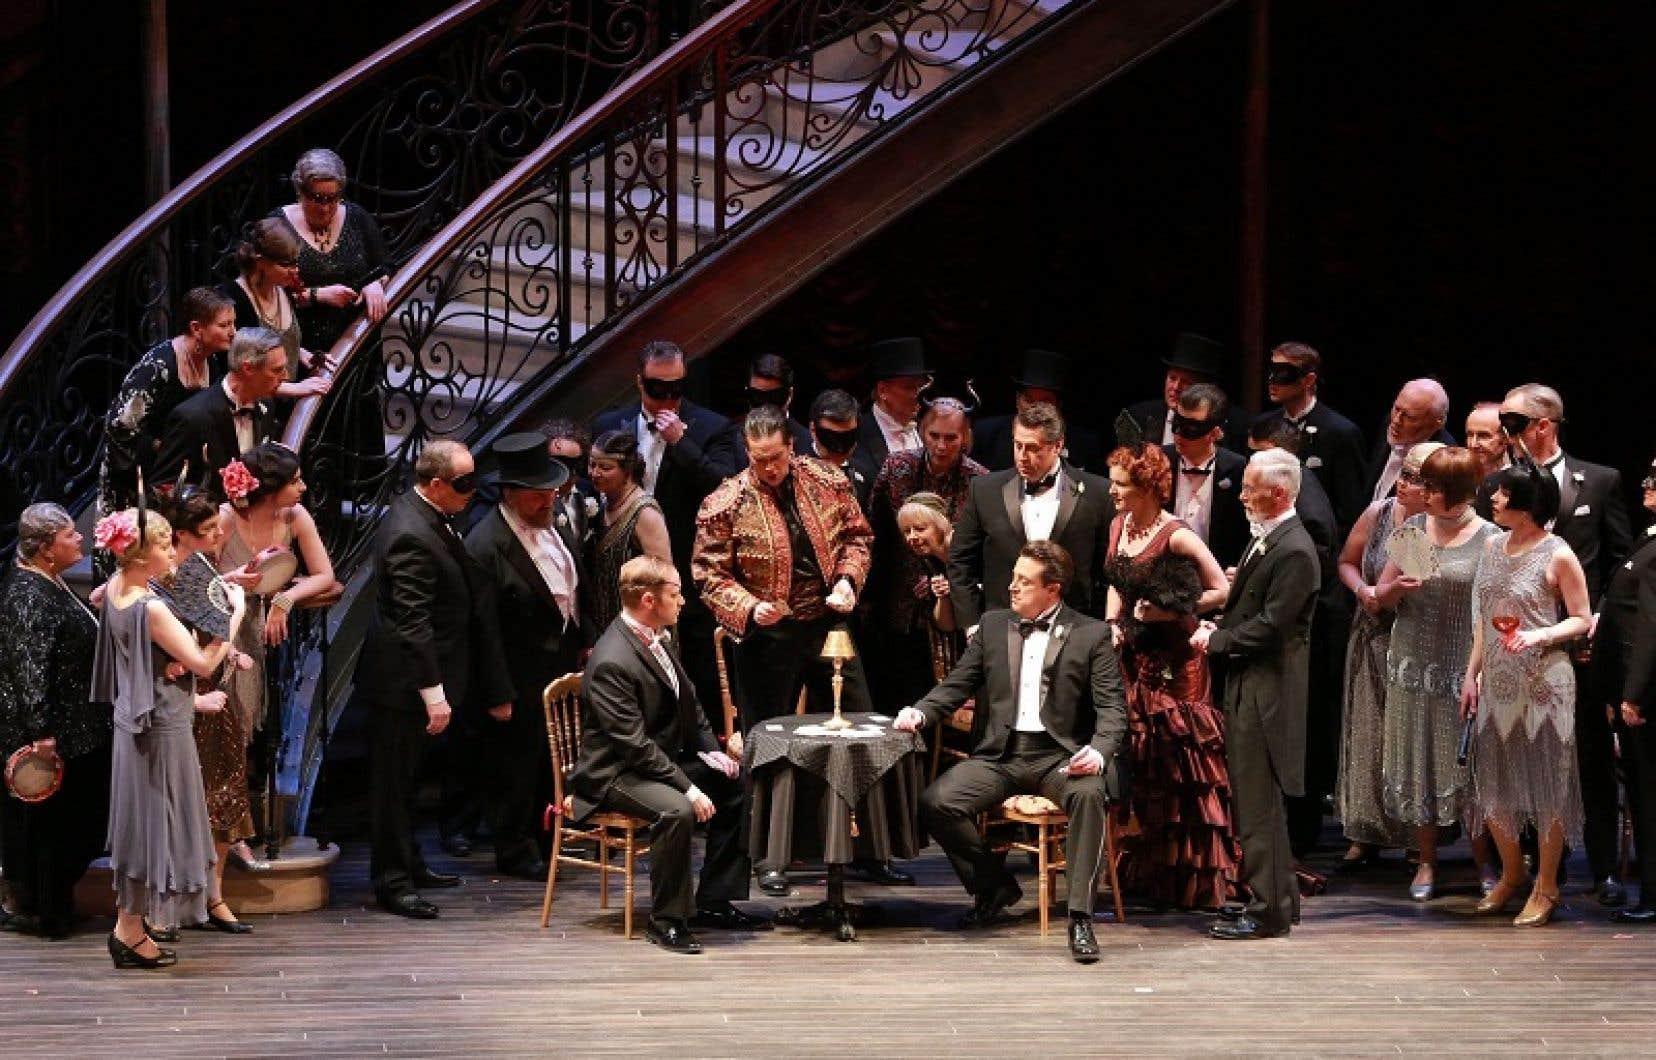 Pour Alain Gauthier, dont «La Traviata», qui devait faire l'ouverture de la saison de l'Opéra de Montréal, a été reportée d'une saison, les éventuelles adaptations de son travail ne sont pas encore au stade concret.